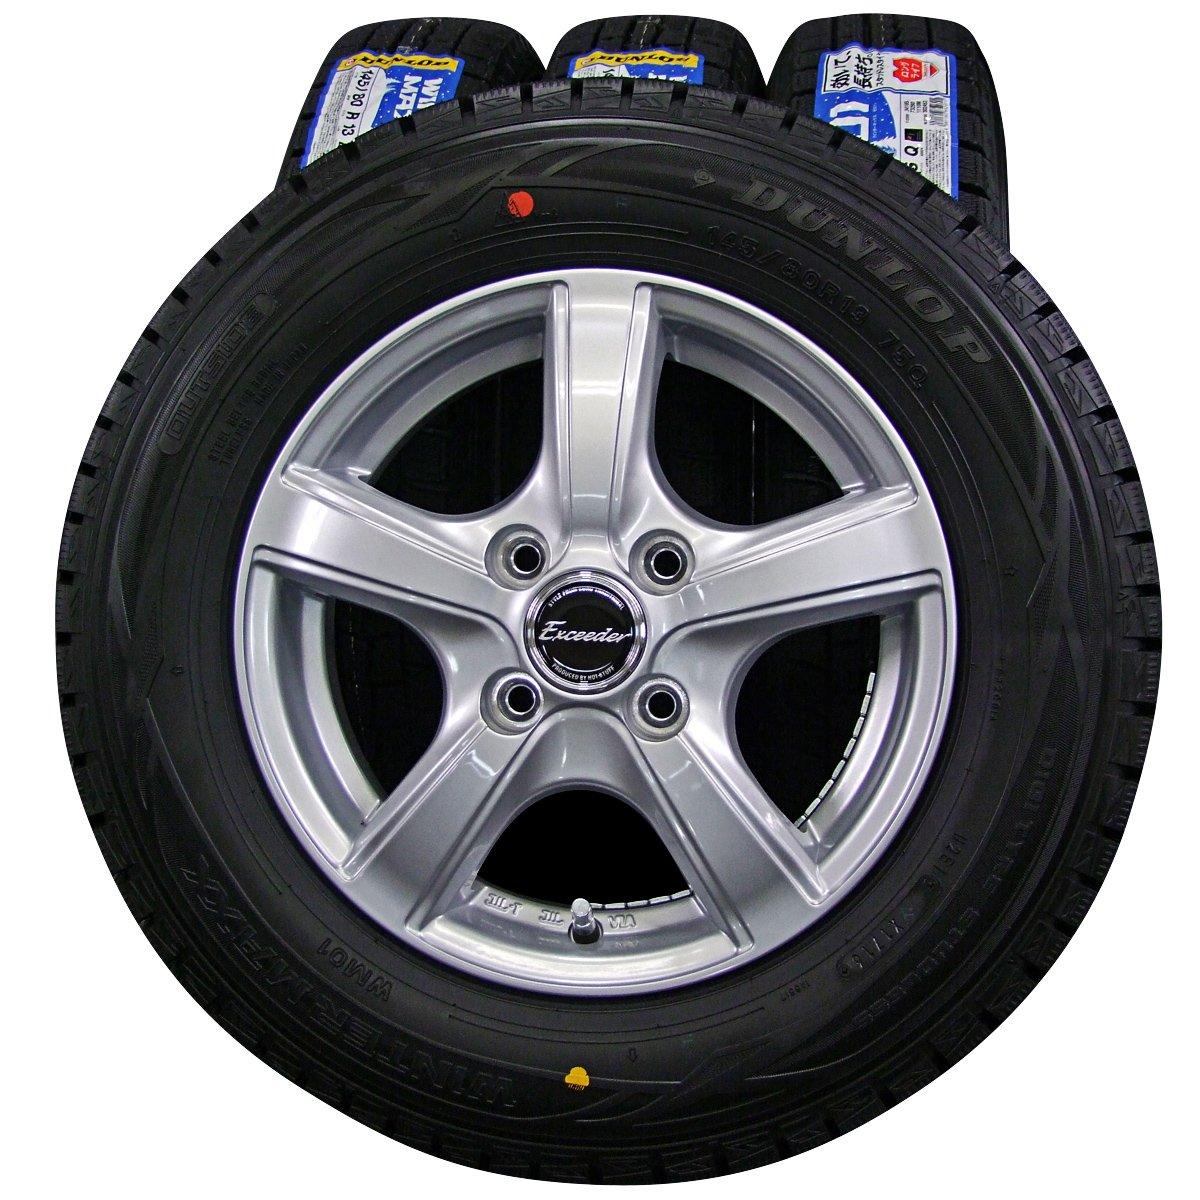 13インチ 4本セット スタッドレスタイヤ&ホイール DUNLOP (ダンロップ) WINTER MAXX (ウィンターマックス) WM01 145/80R13 HOT STUFF (ホットスタッフ) Exceeder (エクシーダー) EXV 13×4J(+35)PCD100-4穴 B01JLCRT24